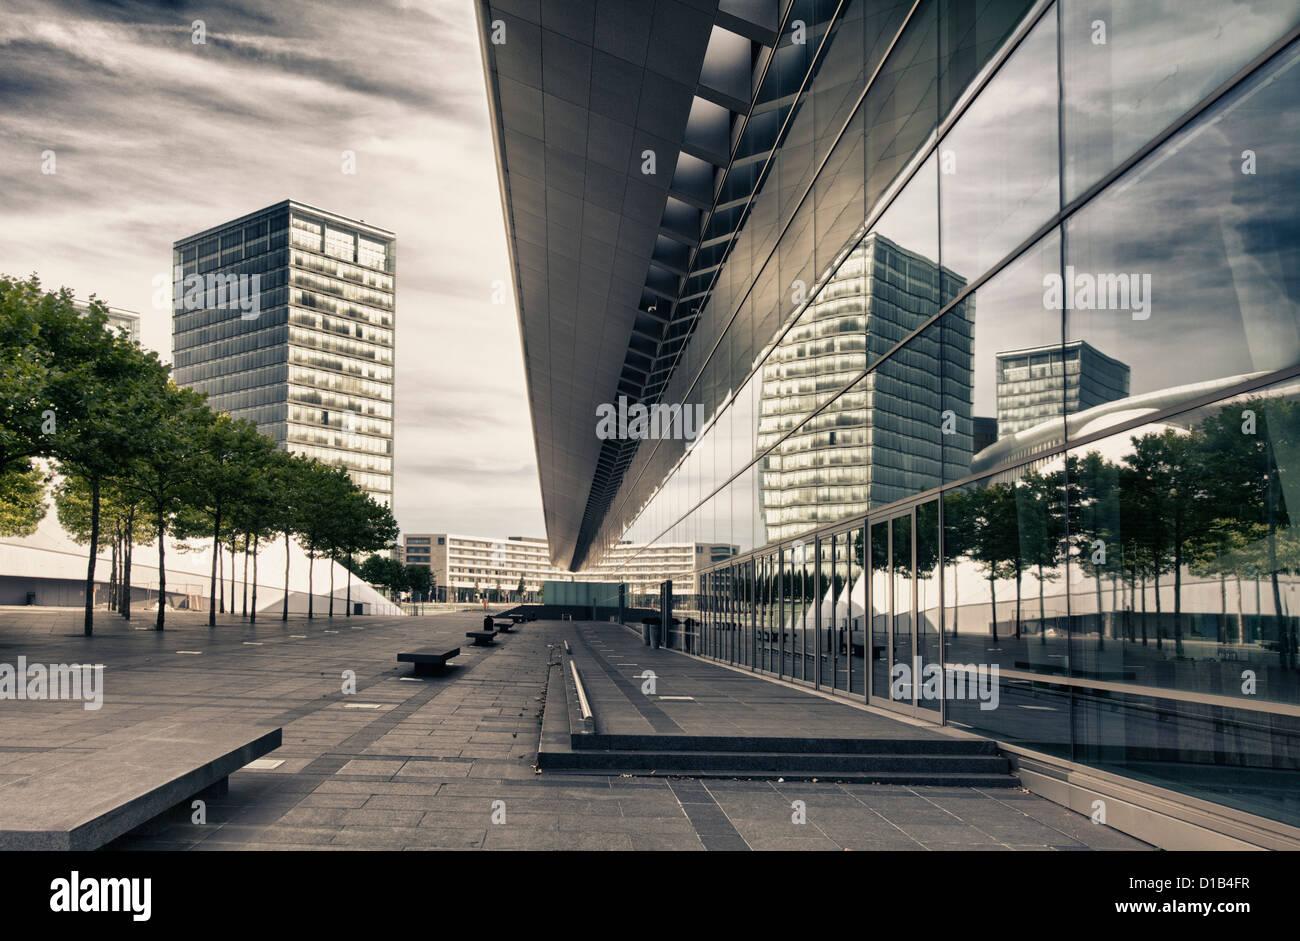 La arquitectura moderna, los reflejos en las ventanas del Centro de Congresos y la Place de l'Europe, Kirchberg, Luxemburgo, Europa Foto de stock